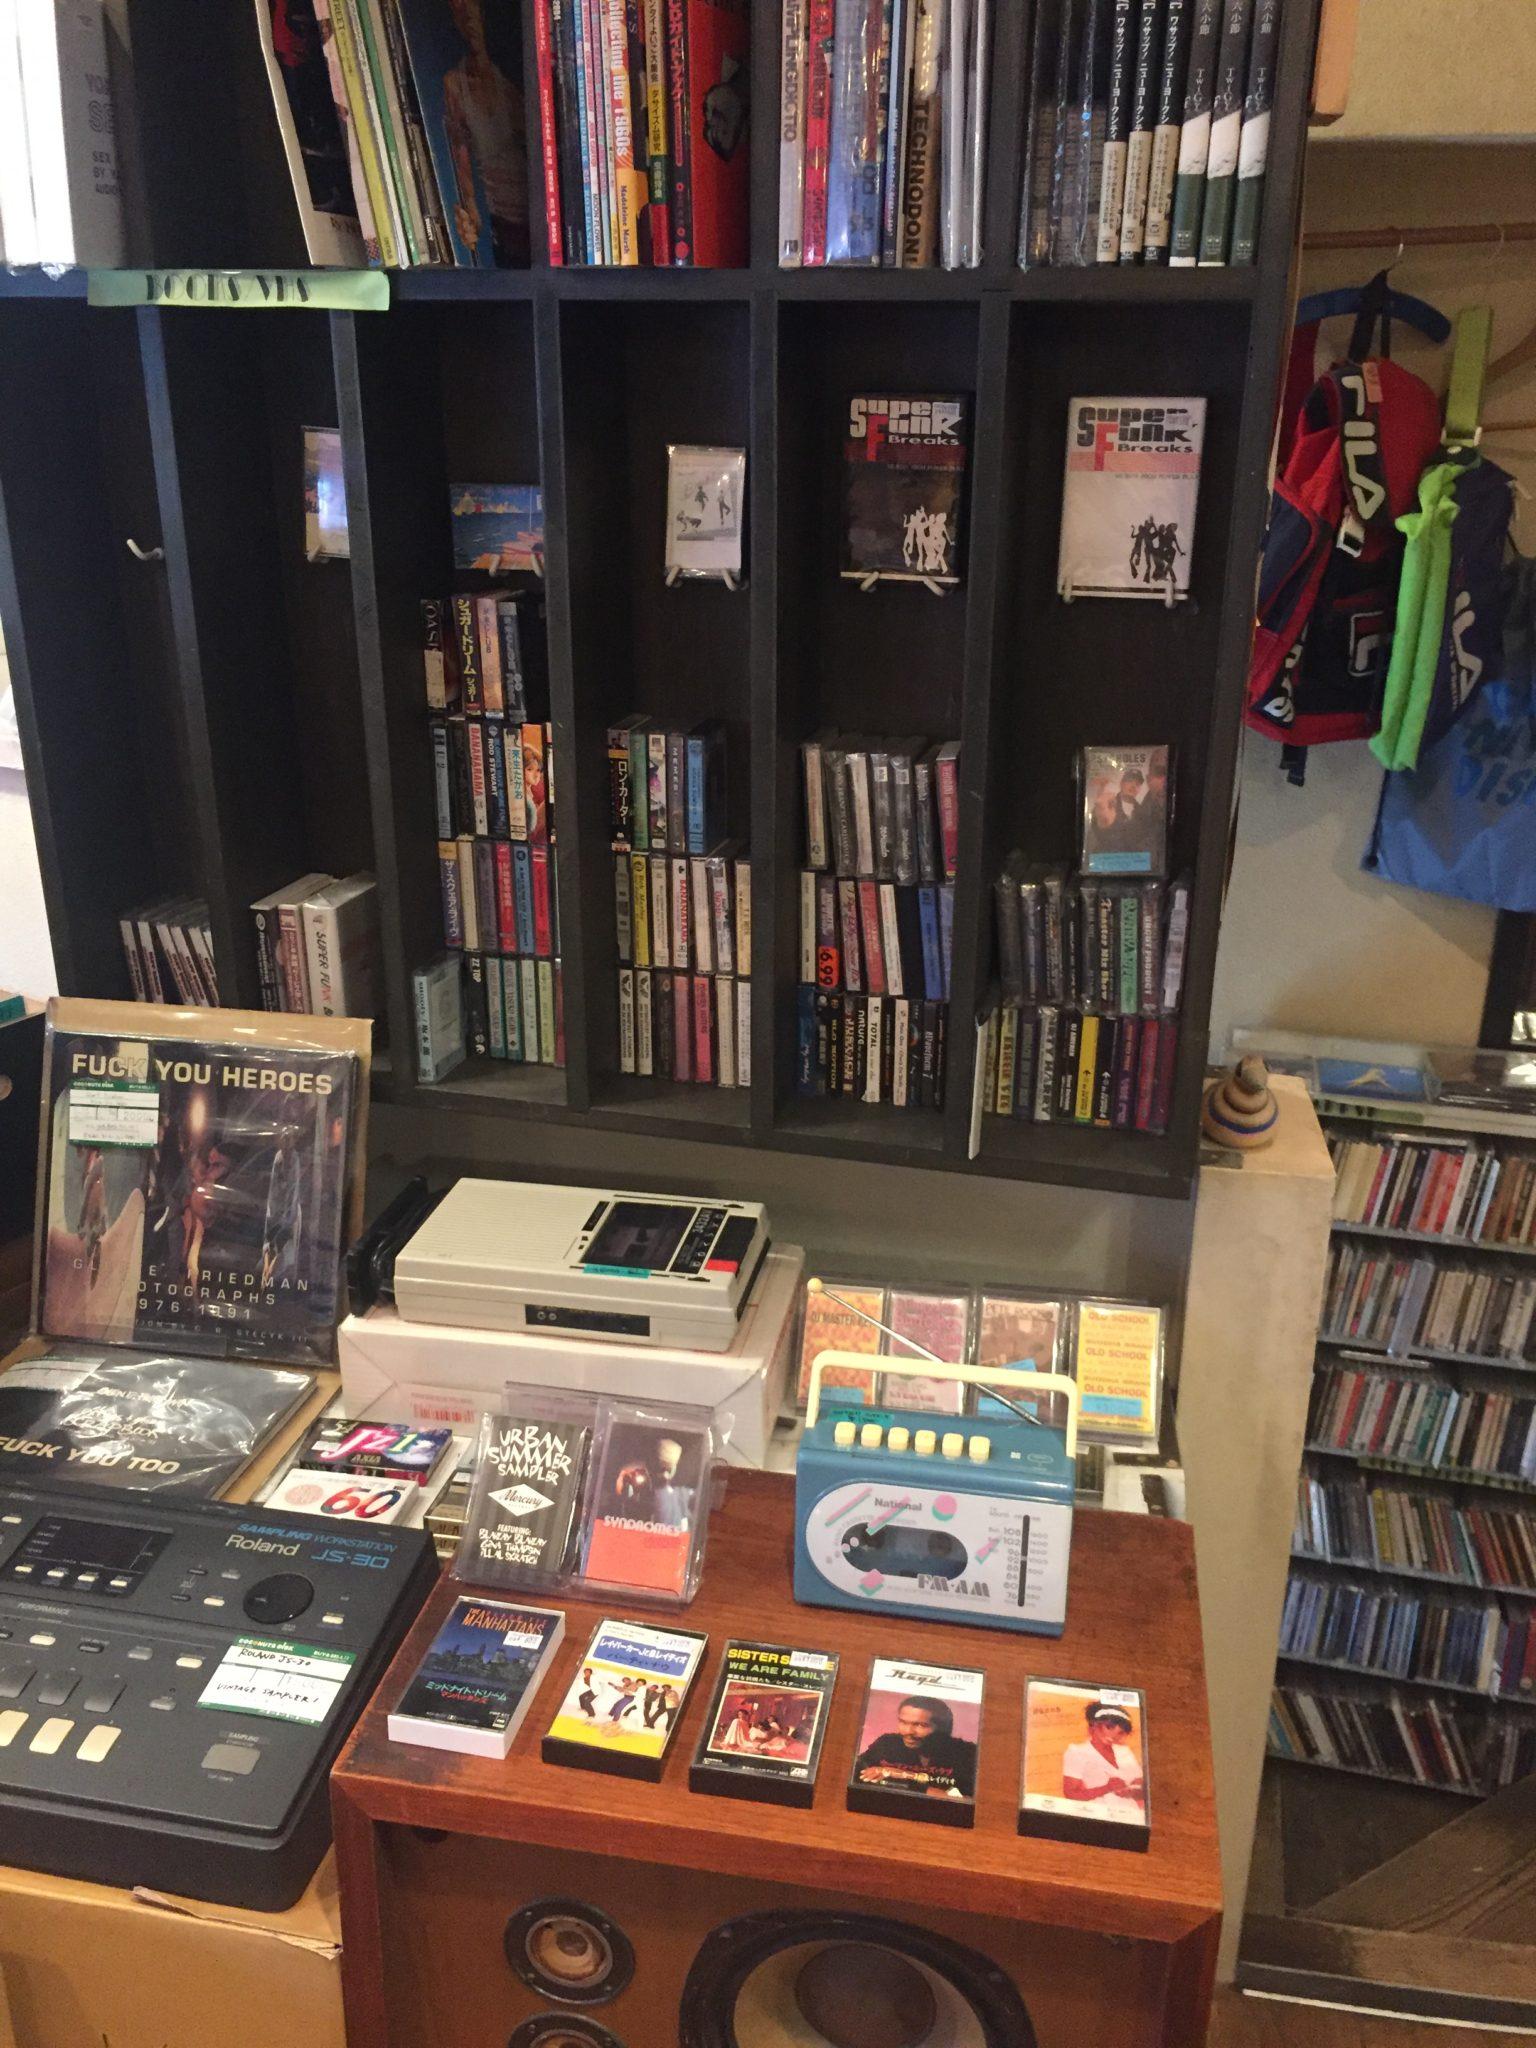 Tokyo record store Coconuts Disk Yoyogi